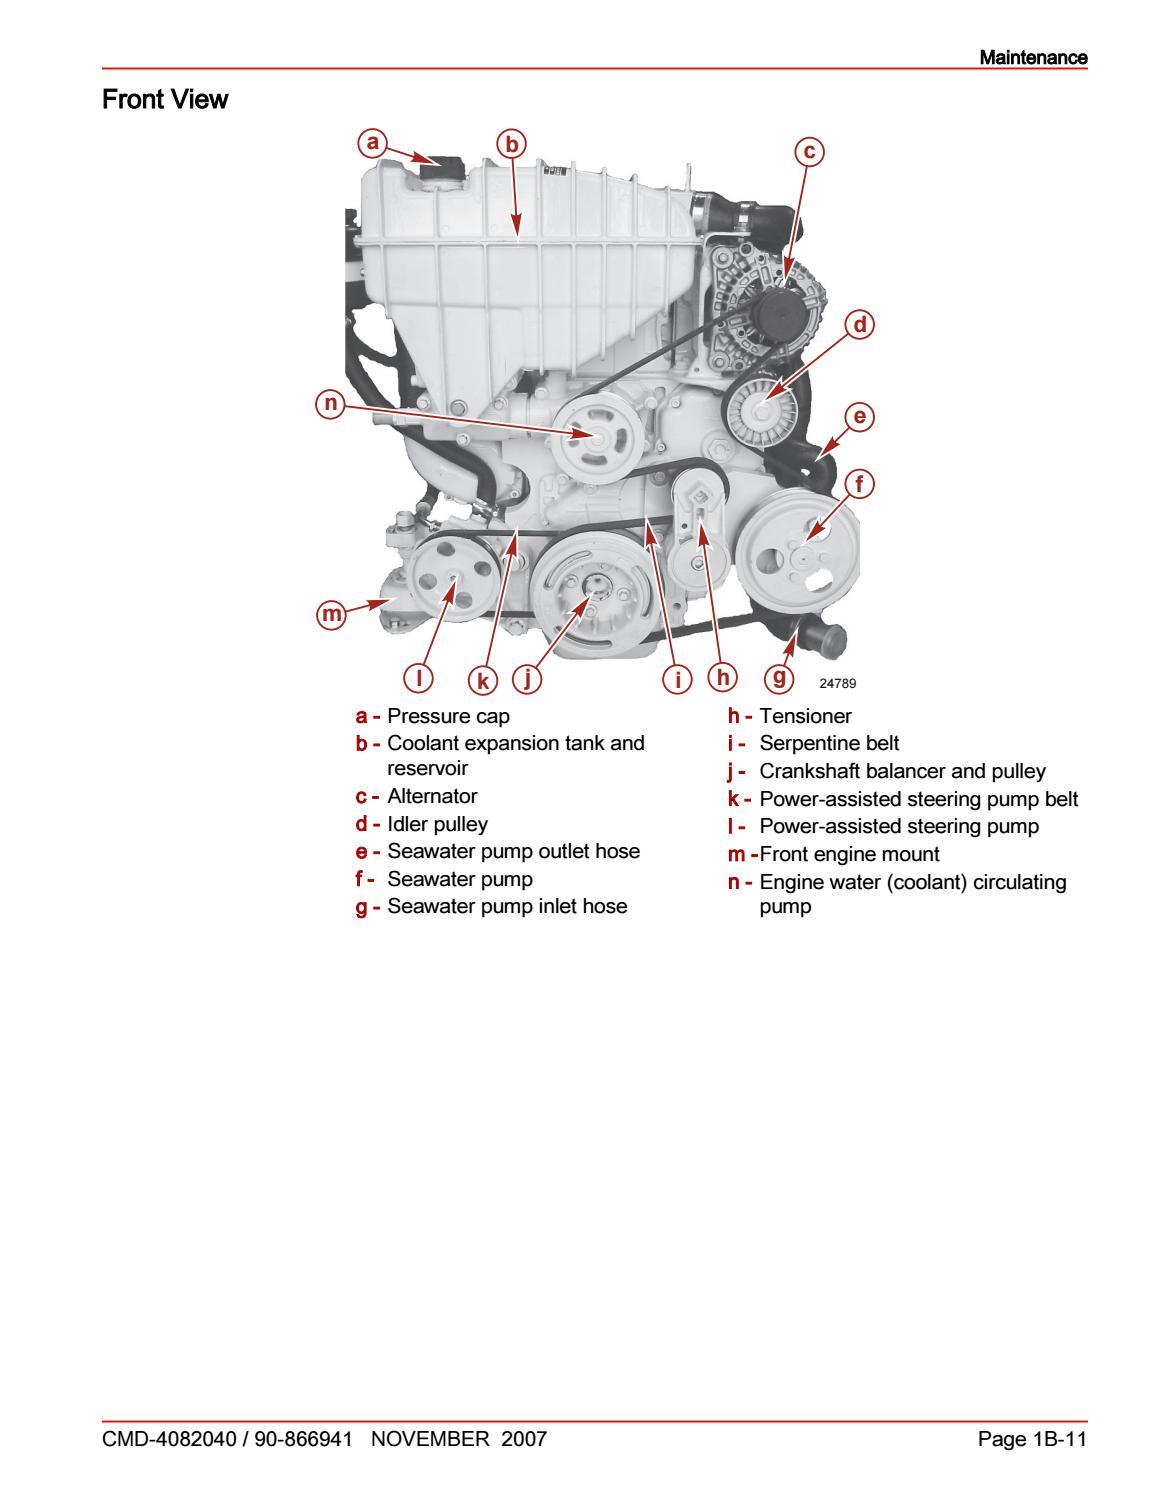 350 mercruiser engine belt pulleys diagram - wiring diagram add-explained -  add-explained.led-illumina.it  led-illumina.it